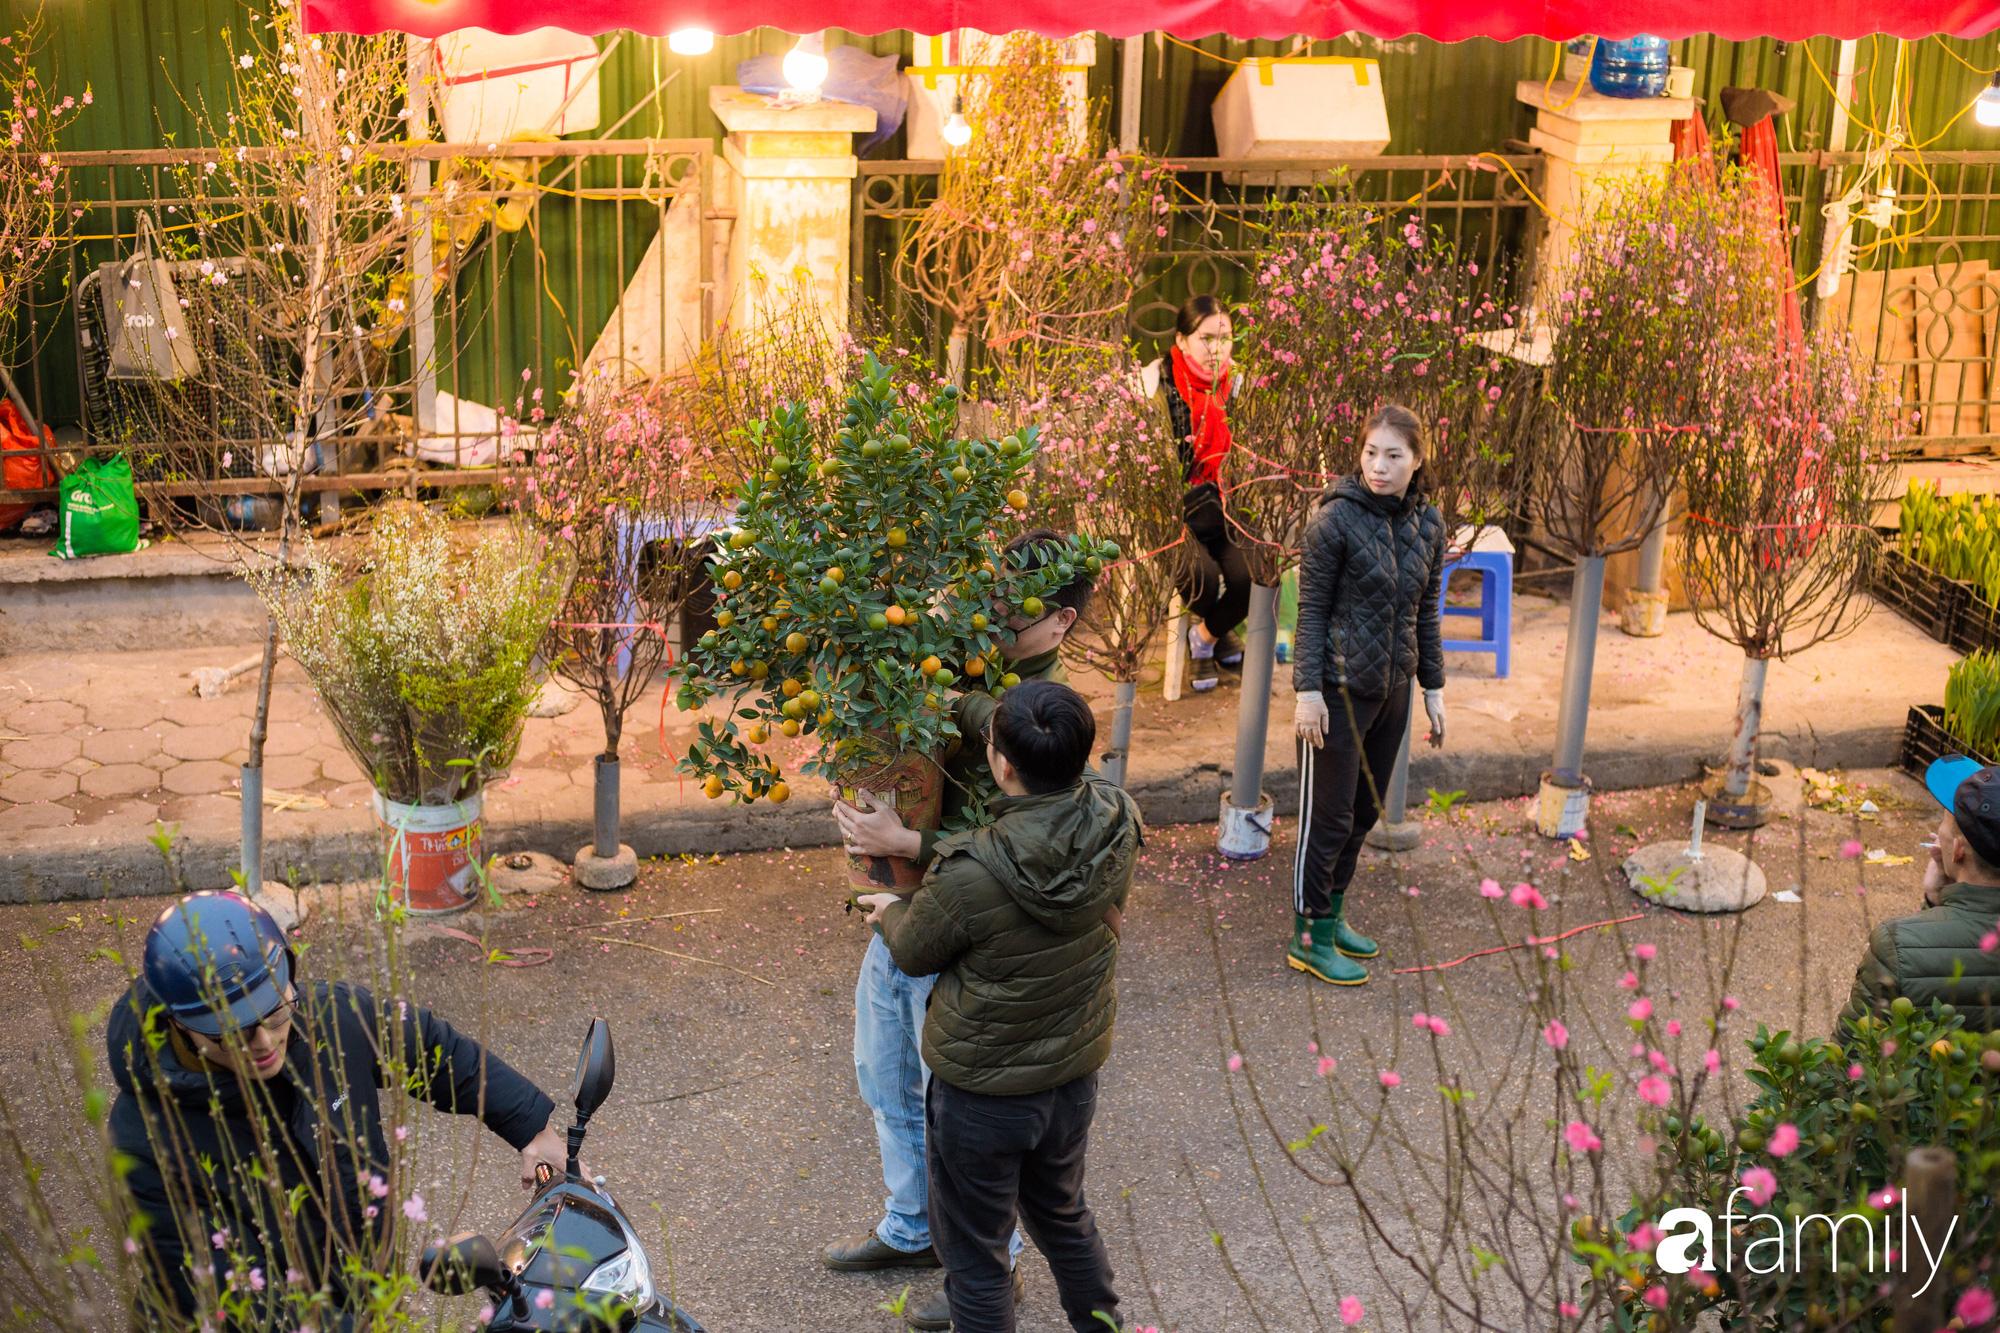 Những khoảnh khắc bình dị ngày cuối năm ở chợ hoa Quảng An, dù lạnh thấu xương nhưng người Hà Nội vẫn nô nức sắm hoa chơi Tết - Ảnh 5.